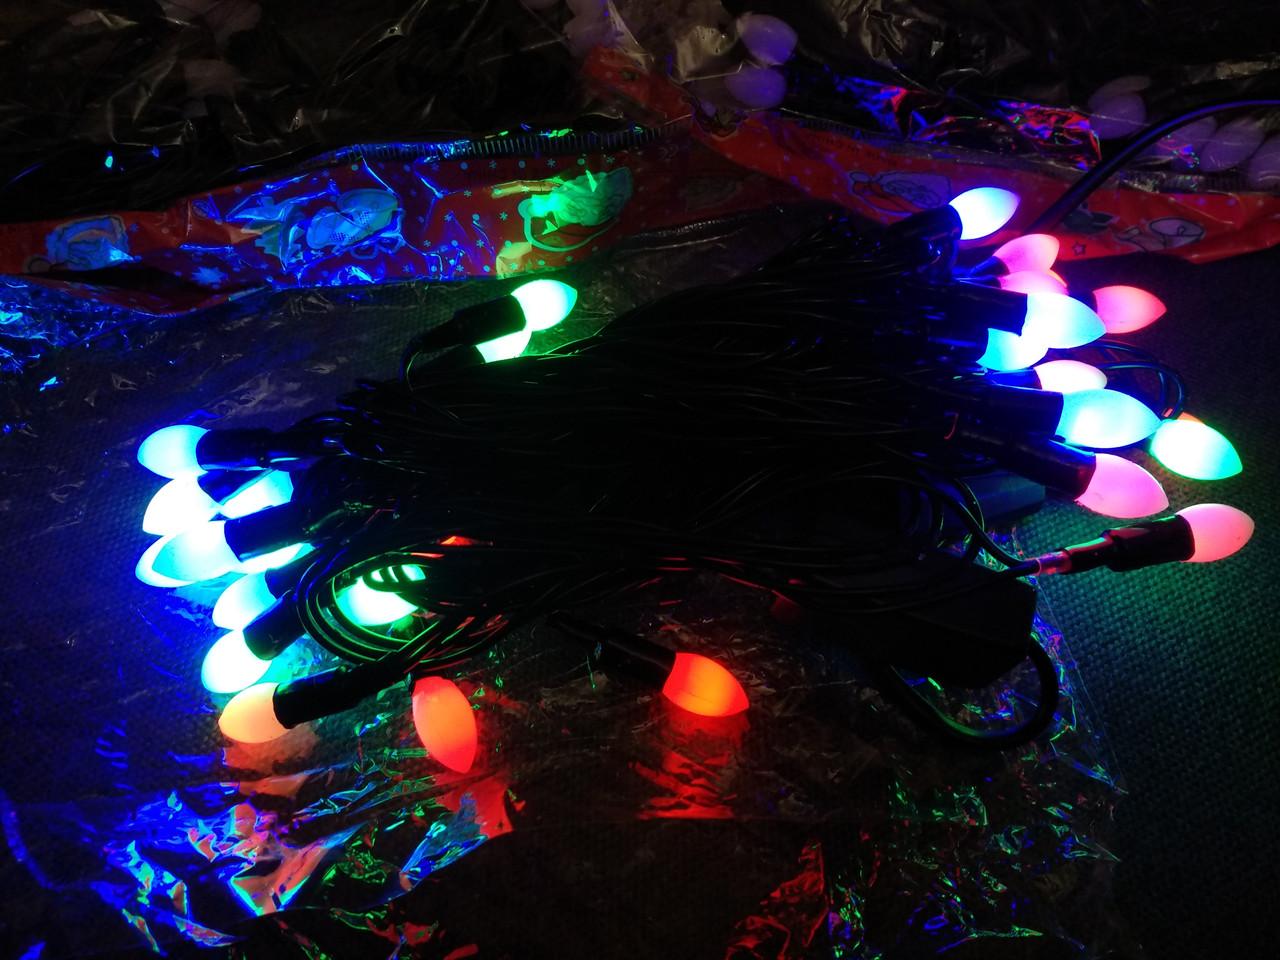 Гирлянда свечи матовые (фигура) 30 л. LED светодиодная 4 м.